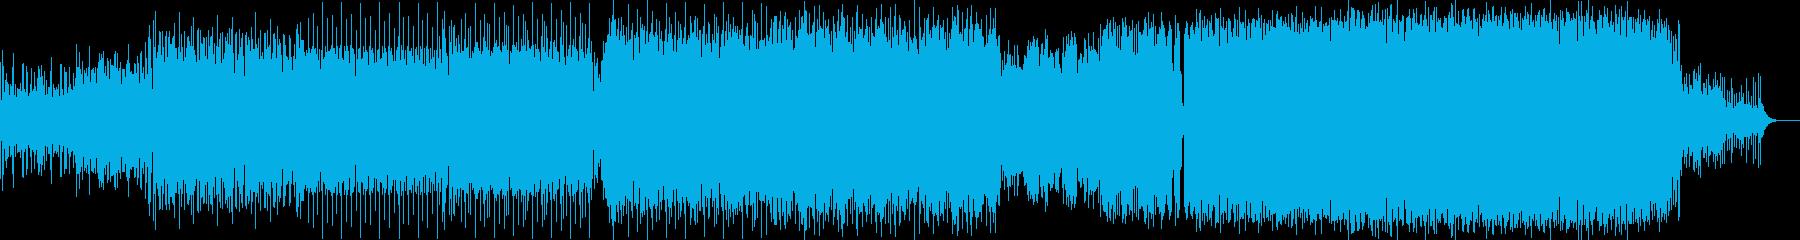 疾走感のあるビッグビートの再生済みの波形